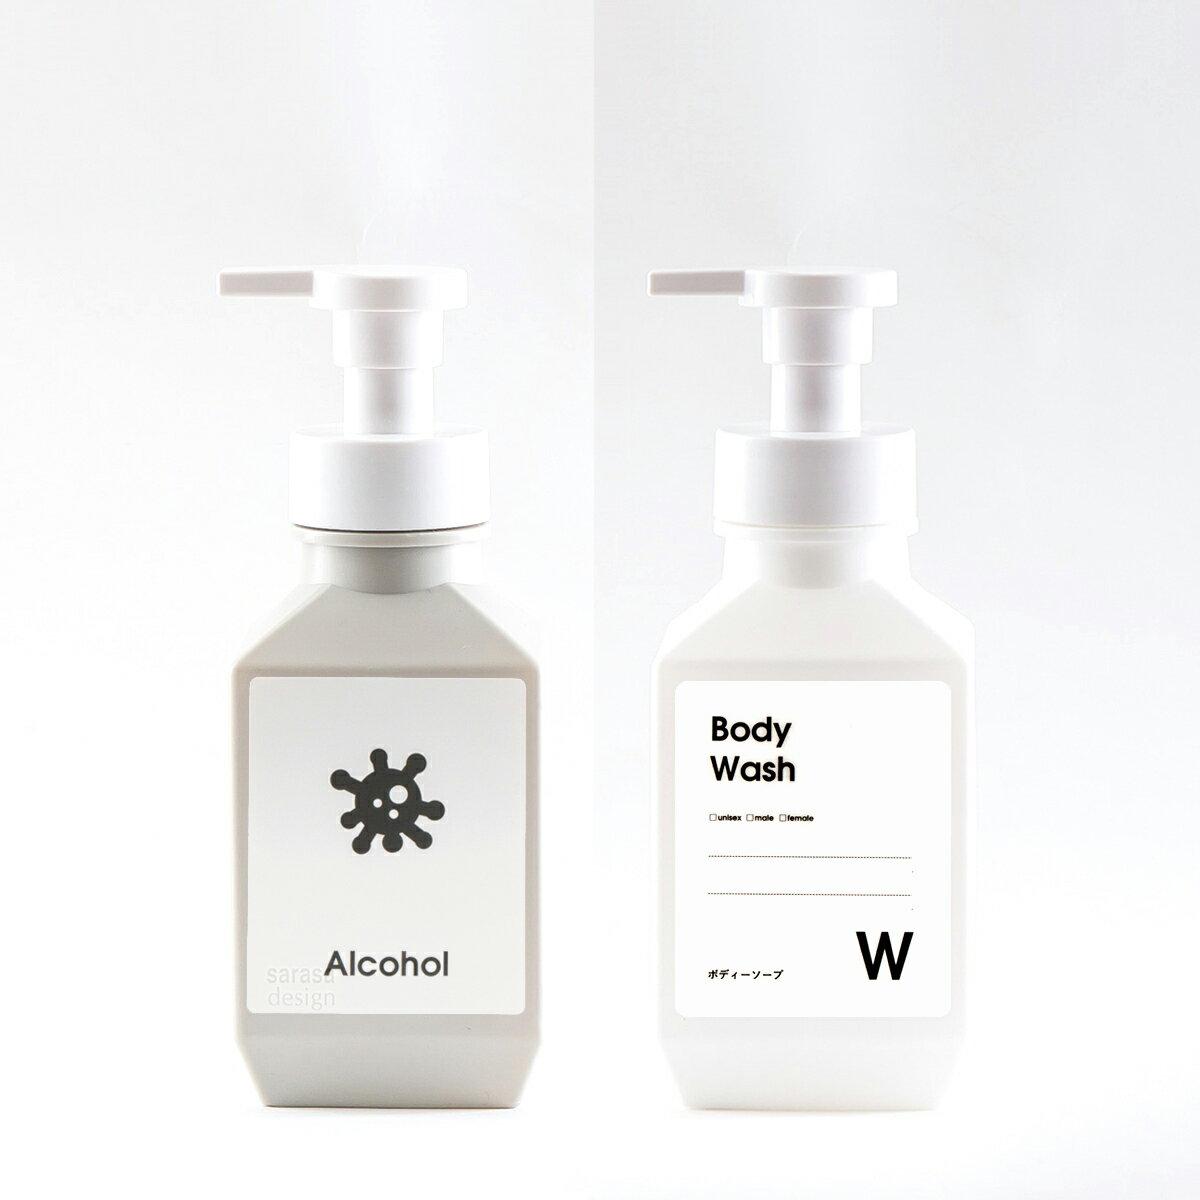 シンプルで多目的に使える詰め替えボトルのポンプタイプ、ソープディスペンサーやシャンプーボトルやキッチン洗剤容器に[ムースボトル PET 400ml]